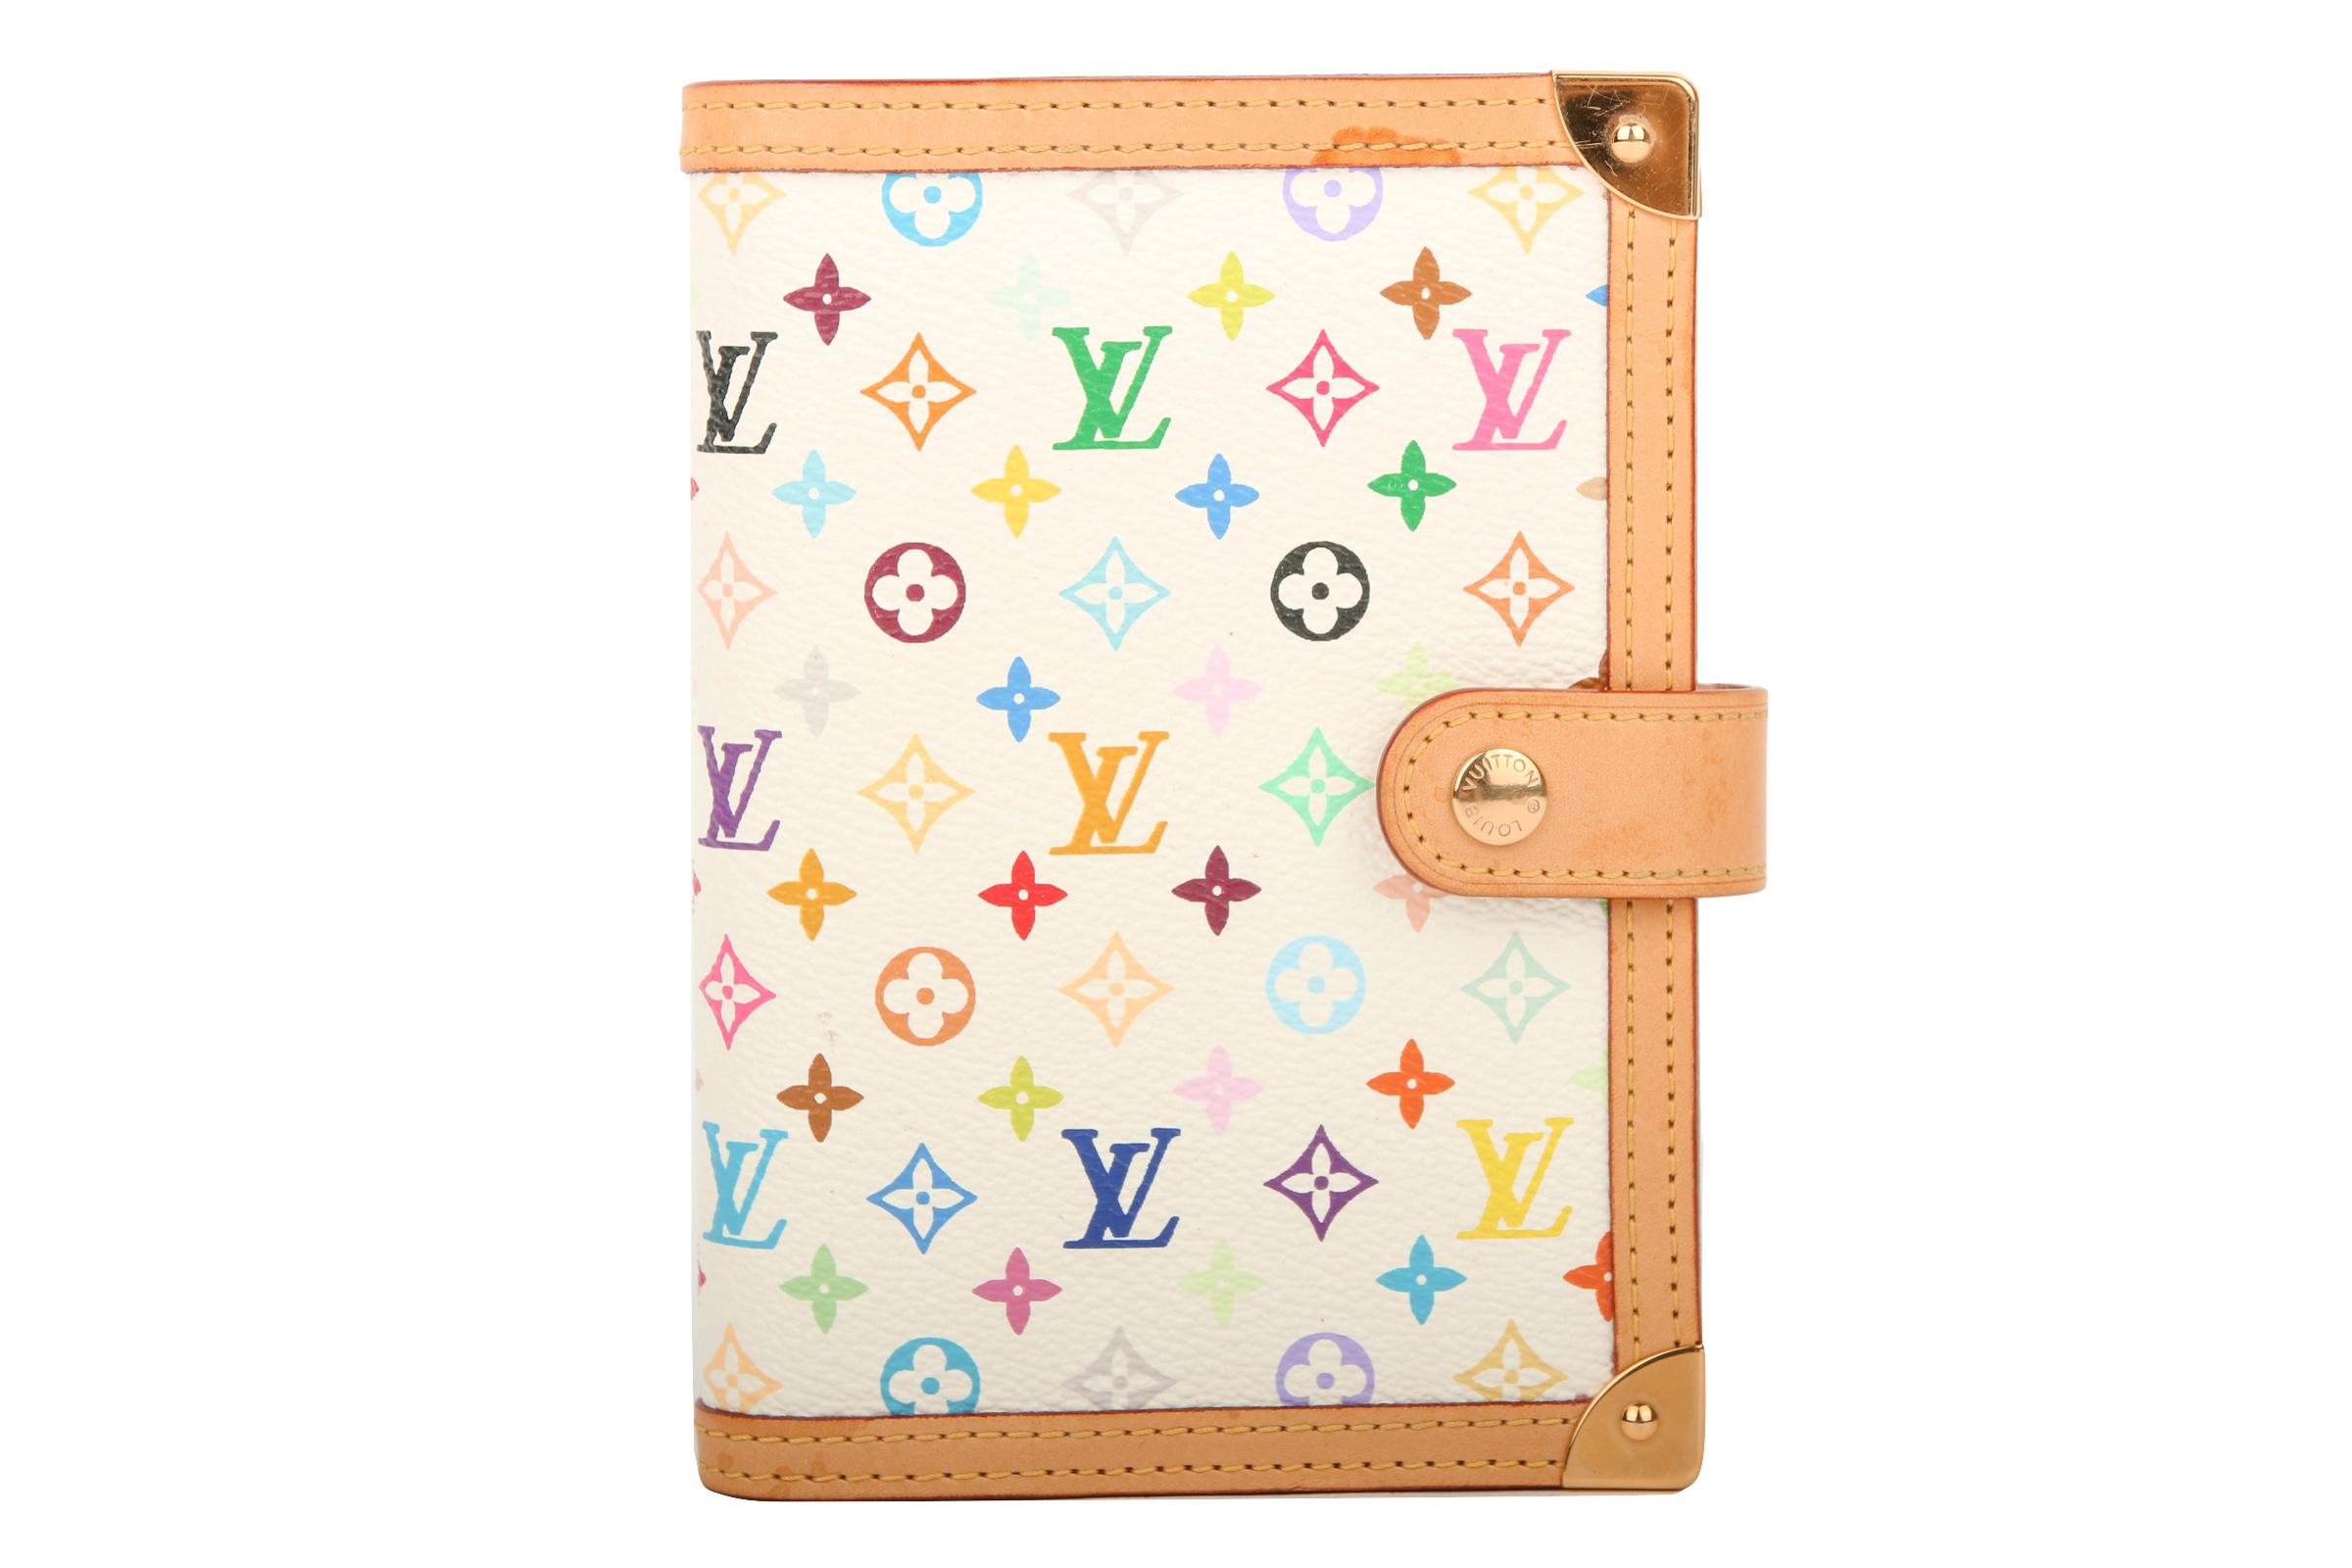 471727b0dfaa7 Louis Vuitton Handtaschen   Accessoires